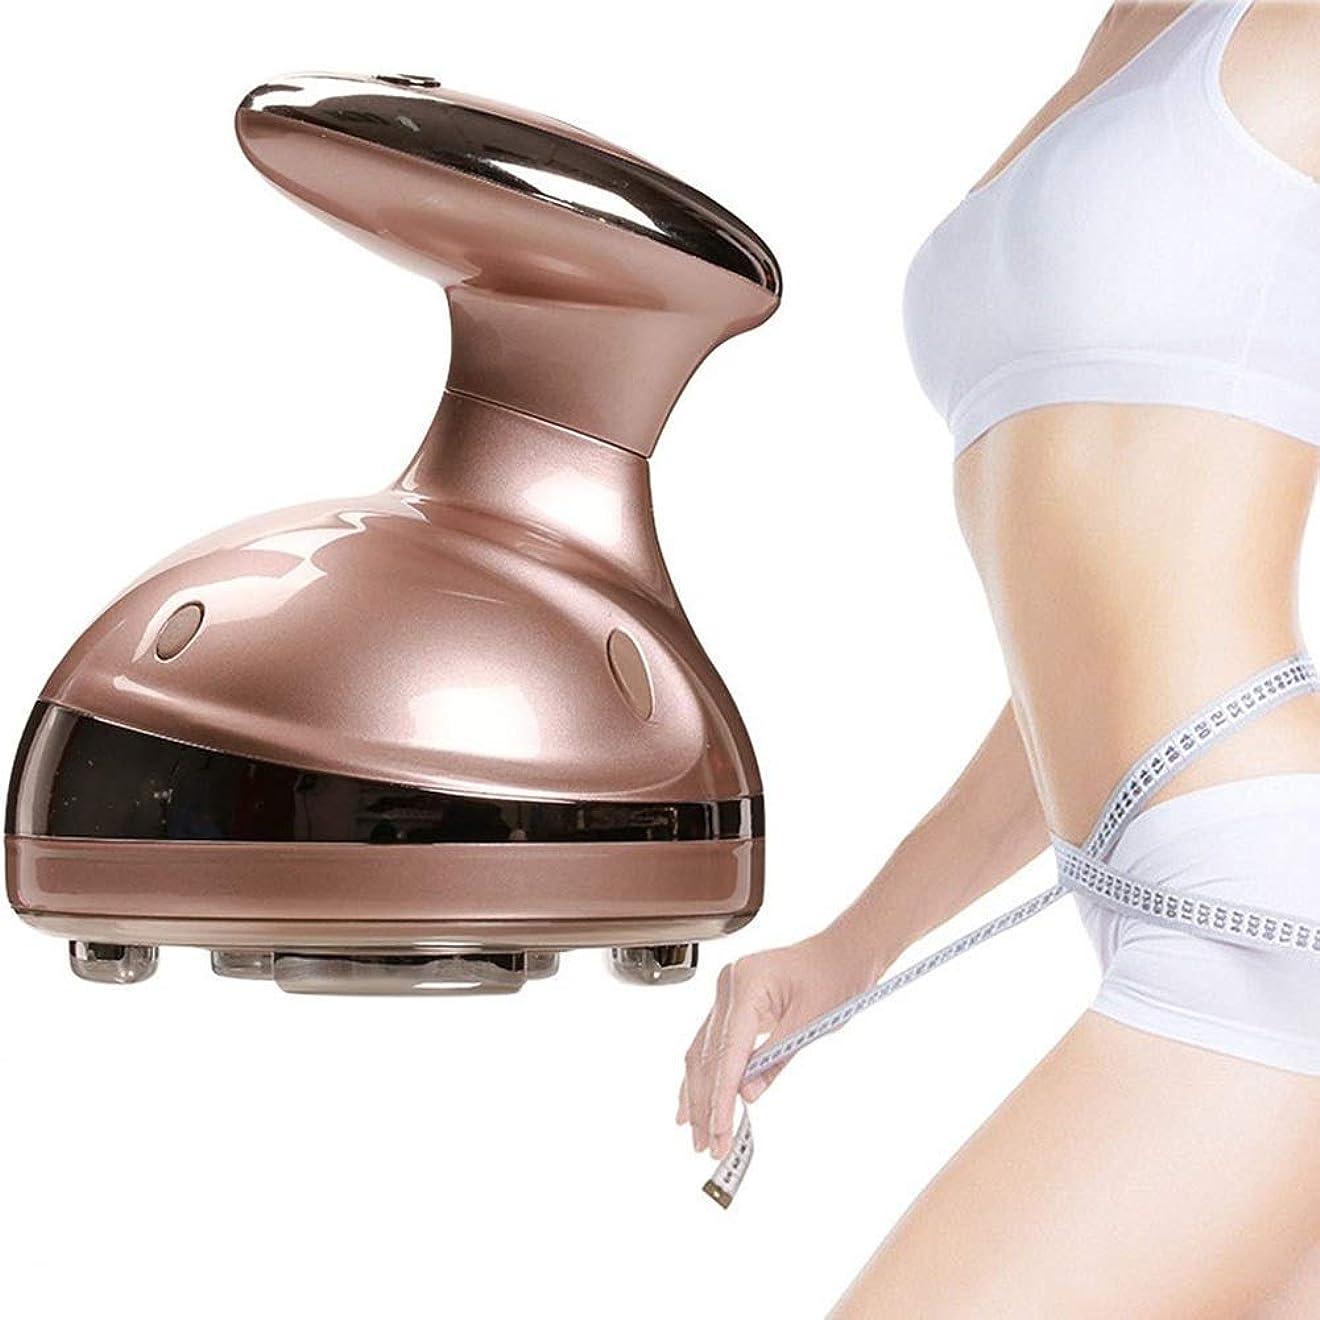 冗長先生確率超音波脂肪除去機、RF脂肪燃焼振動整形美容器具脂肪除去体重減少デバイス、LEDフォトンアンチセルライト痩身ボディ美容院